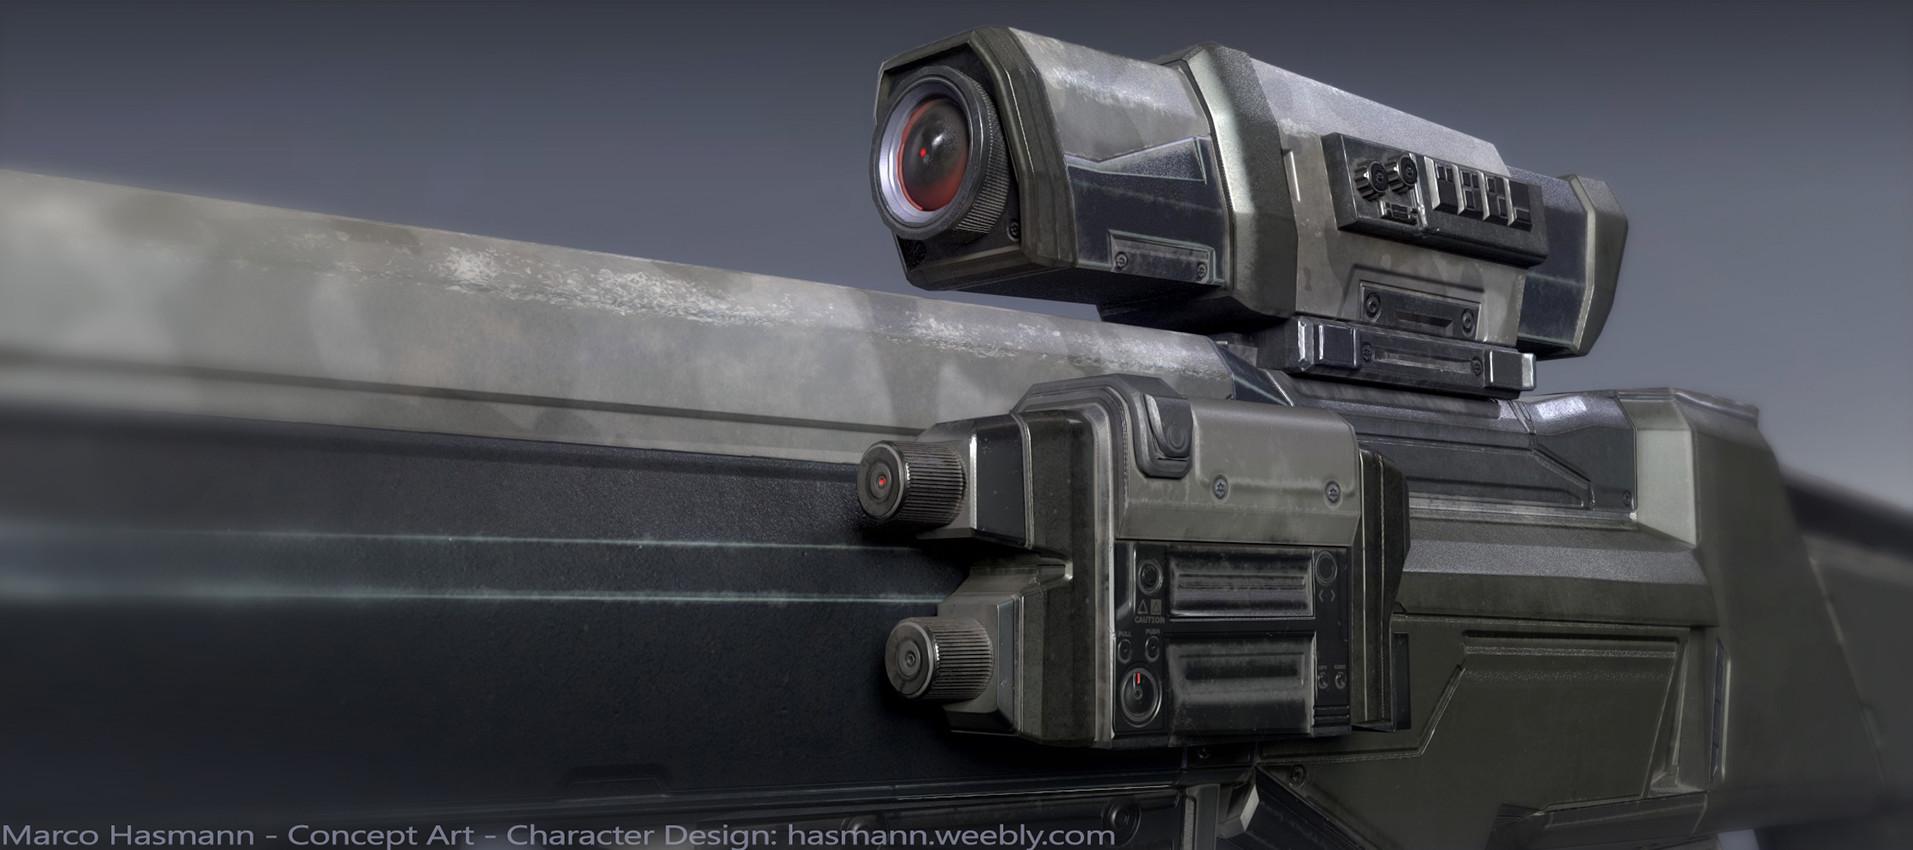 Marco hasmann sniper detail